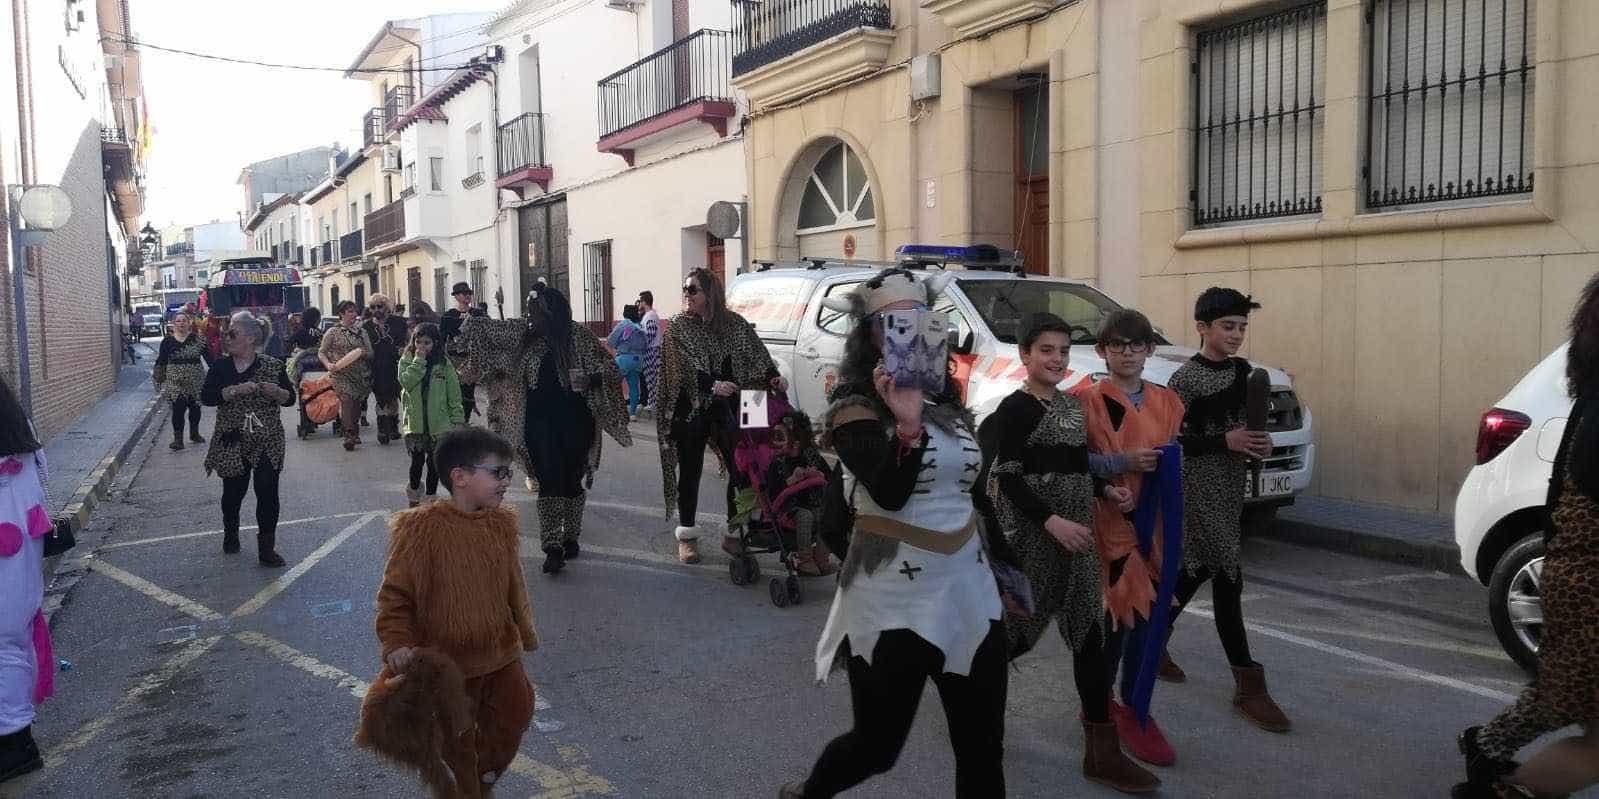 Carnaval herencia 2020 pasacalles domingo deseosas 33 - El Domingo de las Deseosas invita a todo el mundo al Carnaval de Herencia